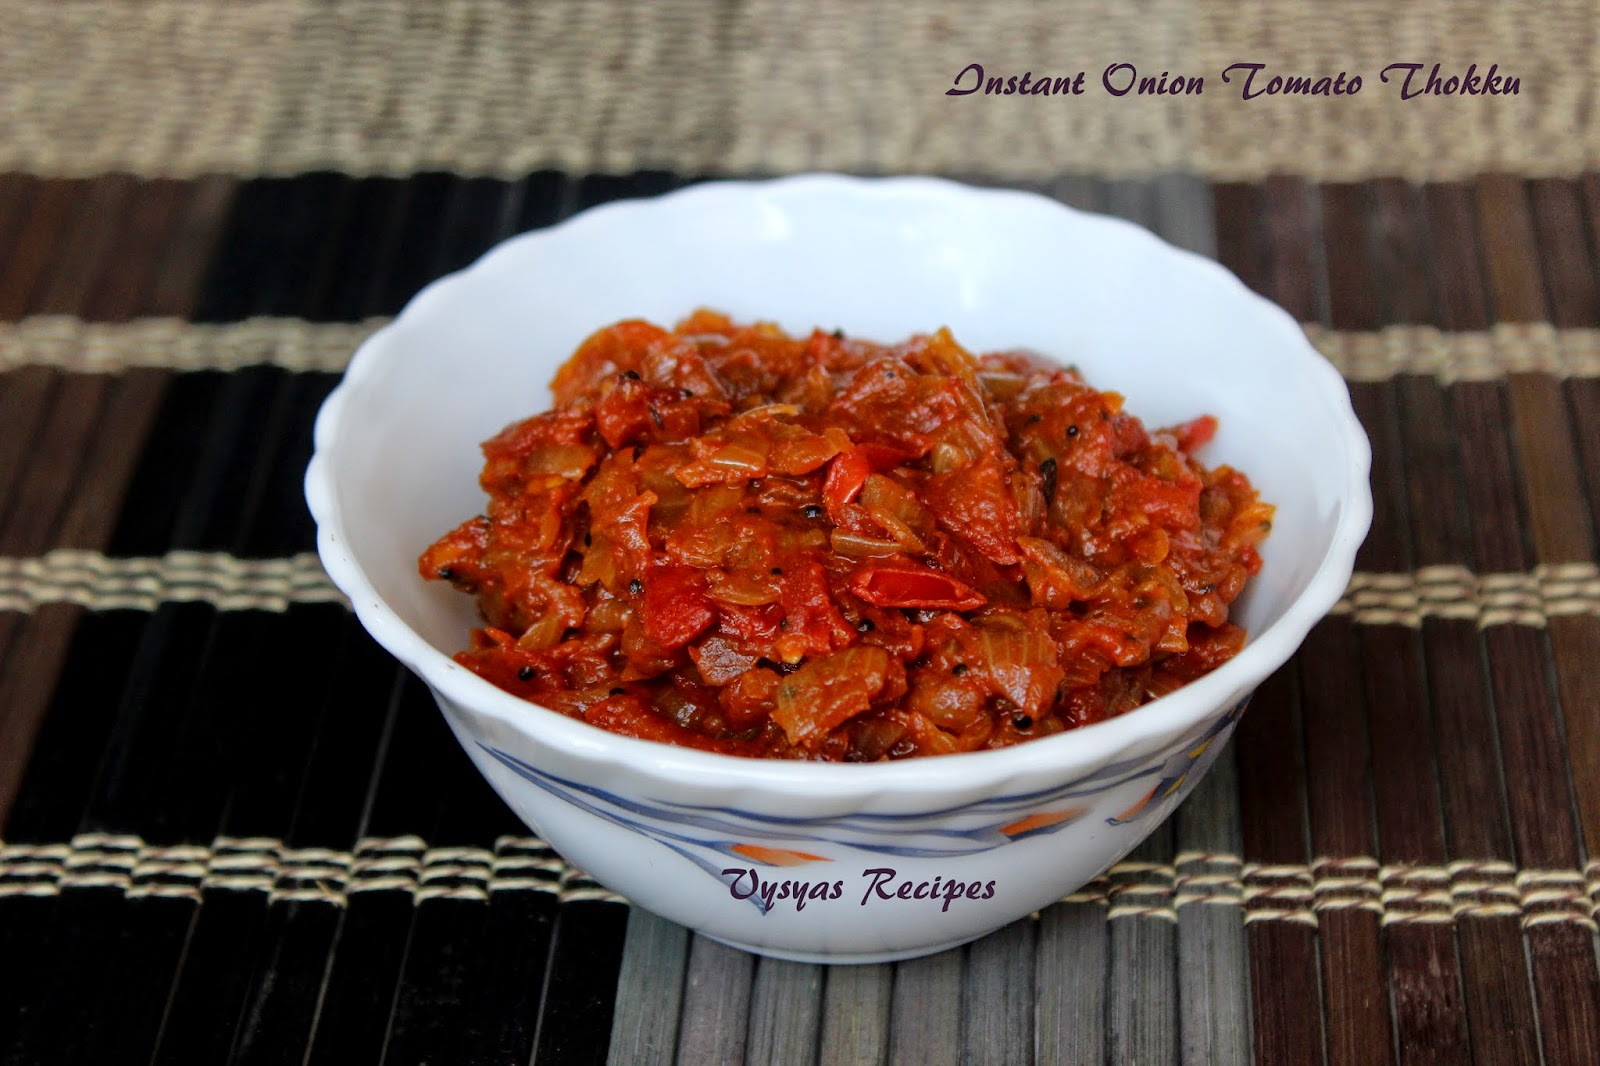 Instant Onion Tomato Thokku